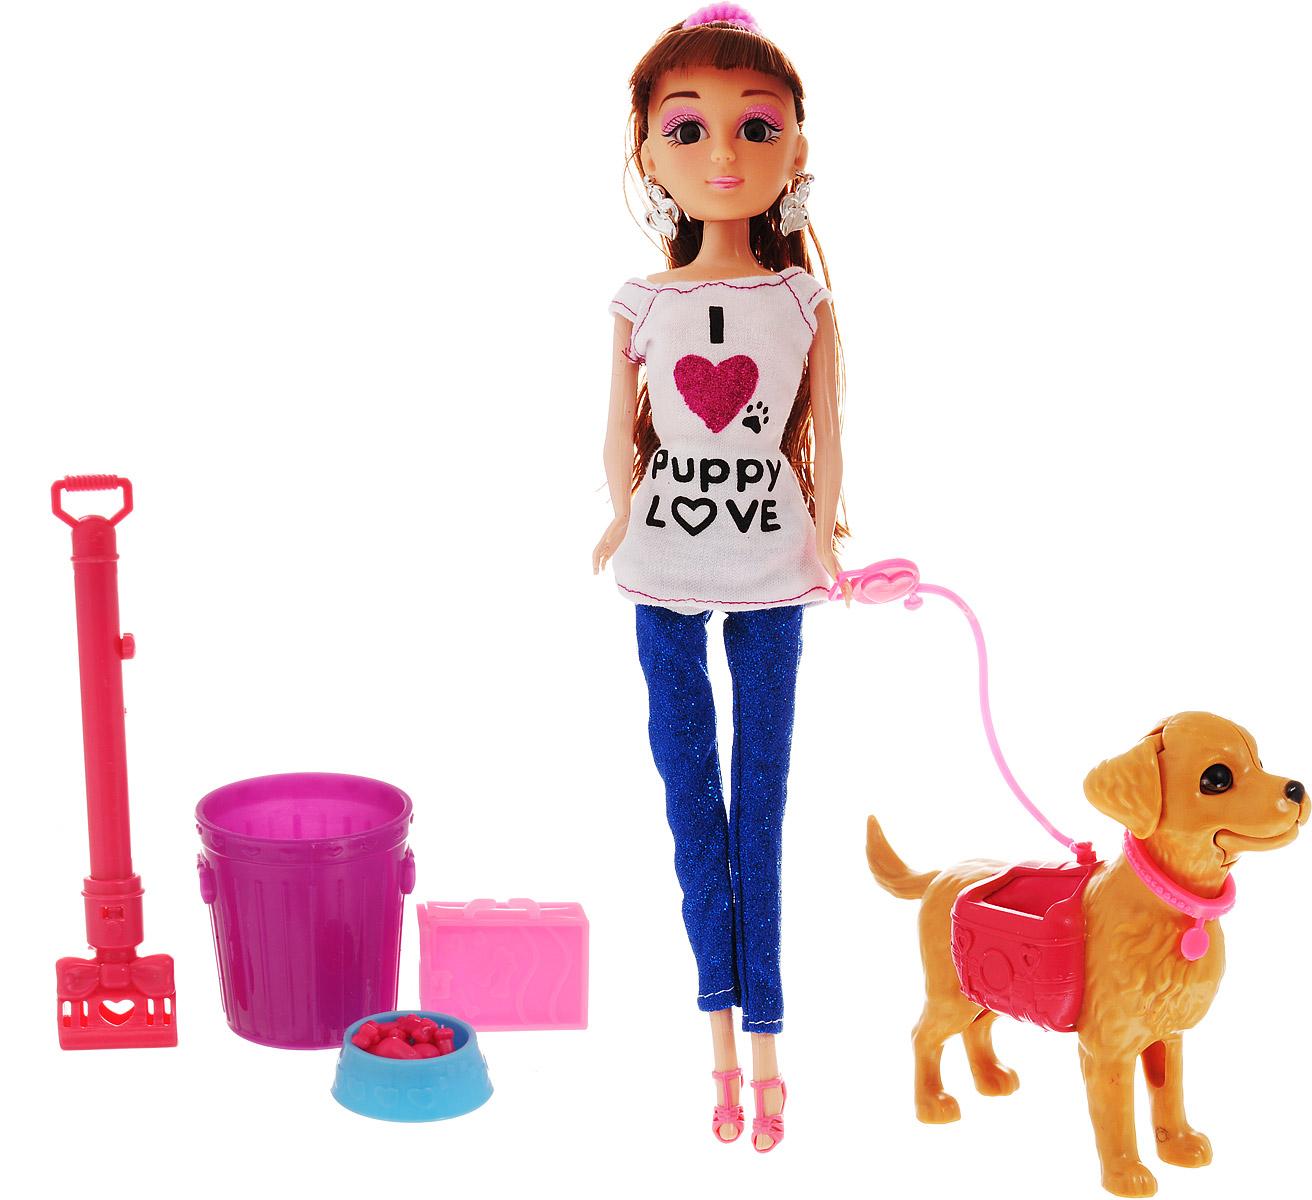 Veld-Co Игровой набор с куклой Pet Show цвет одежды белый синий veld co игровой набор с куклой детский доктор